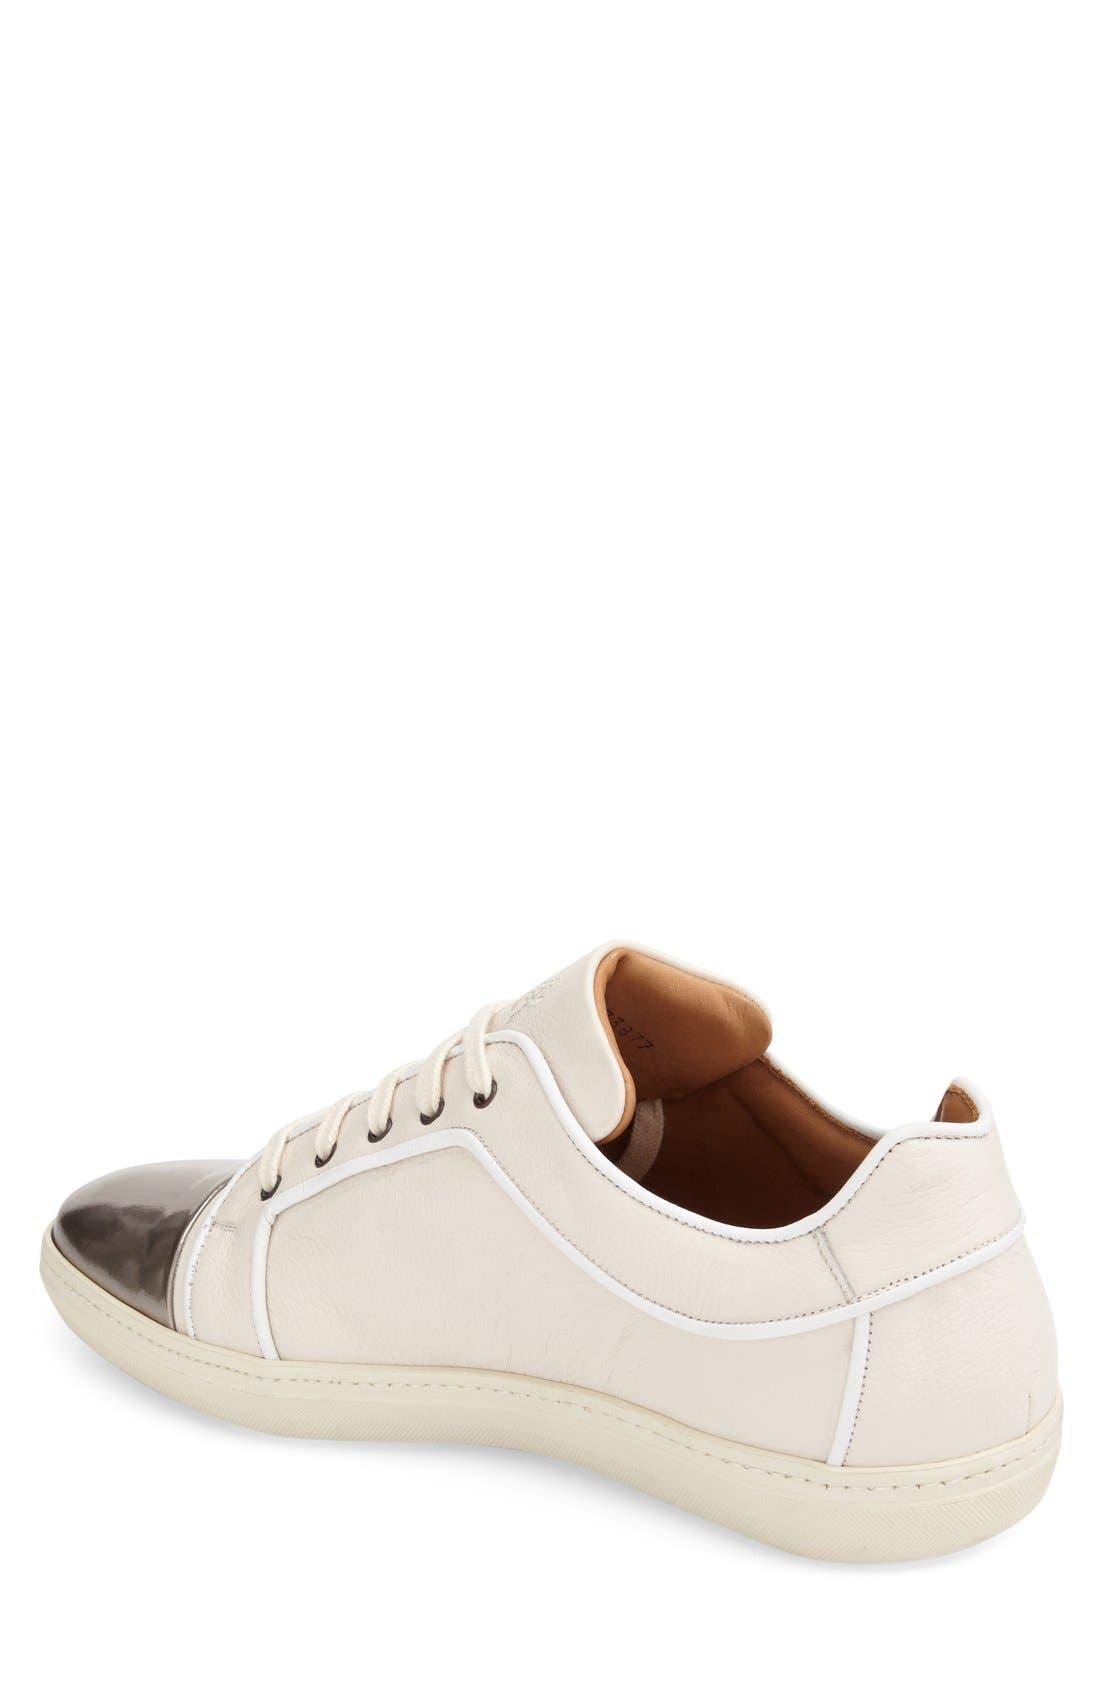 'Valeri' Sneaker,                             Alternate thumbnail 2, color,                             041